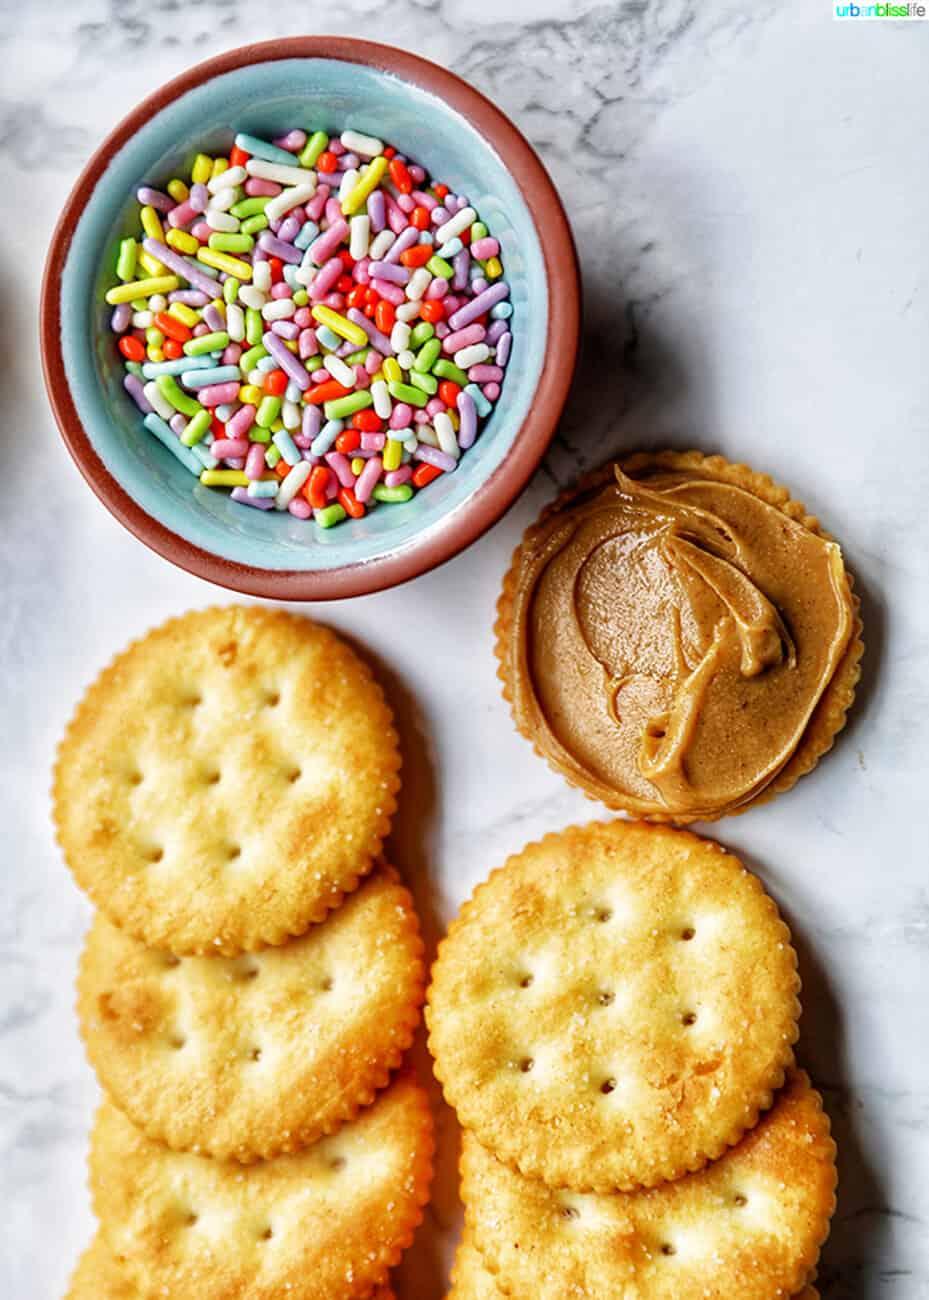 ingredients for Ritz cracker cookies